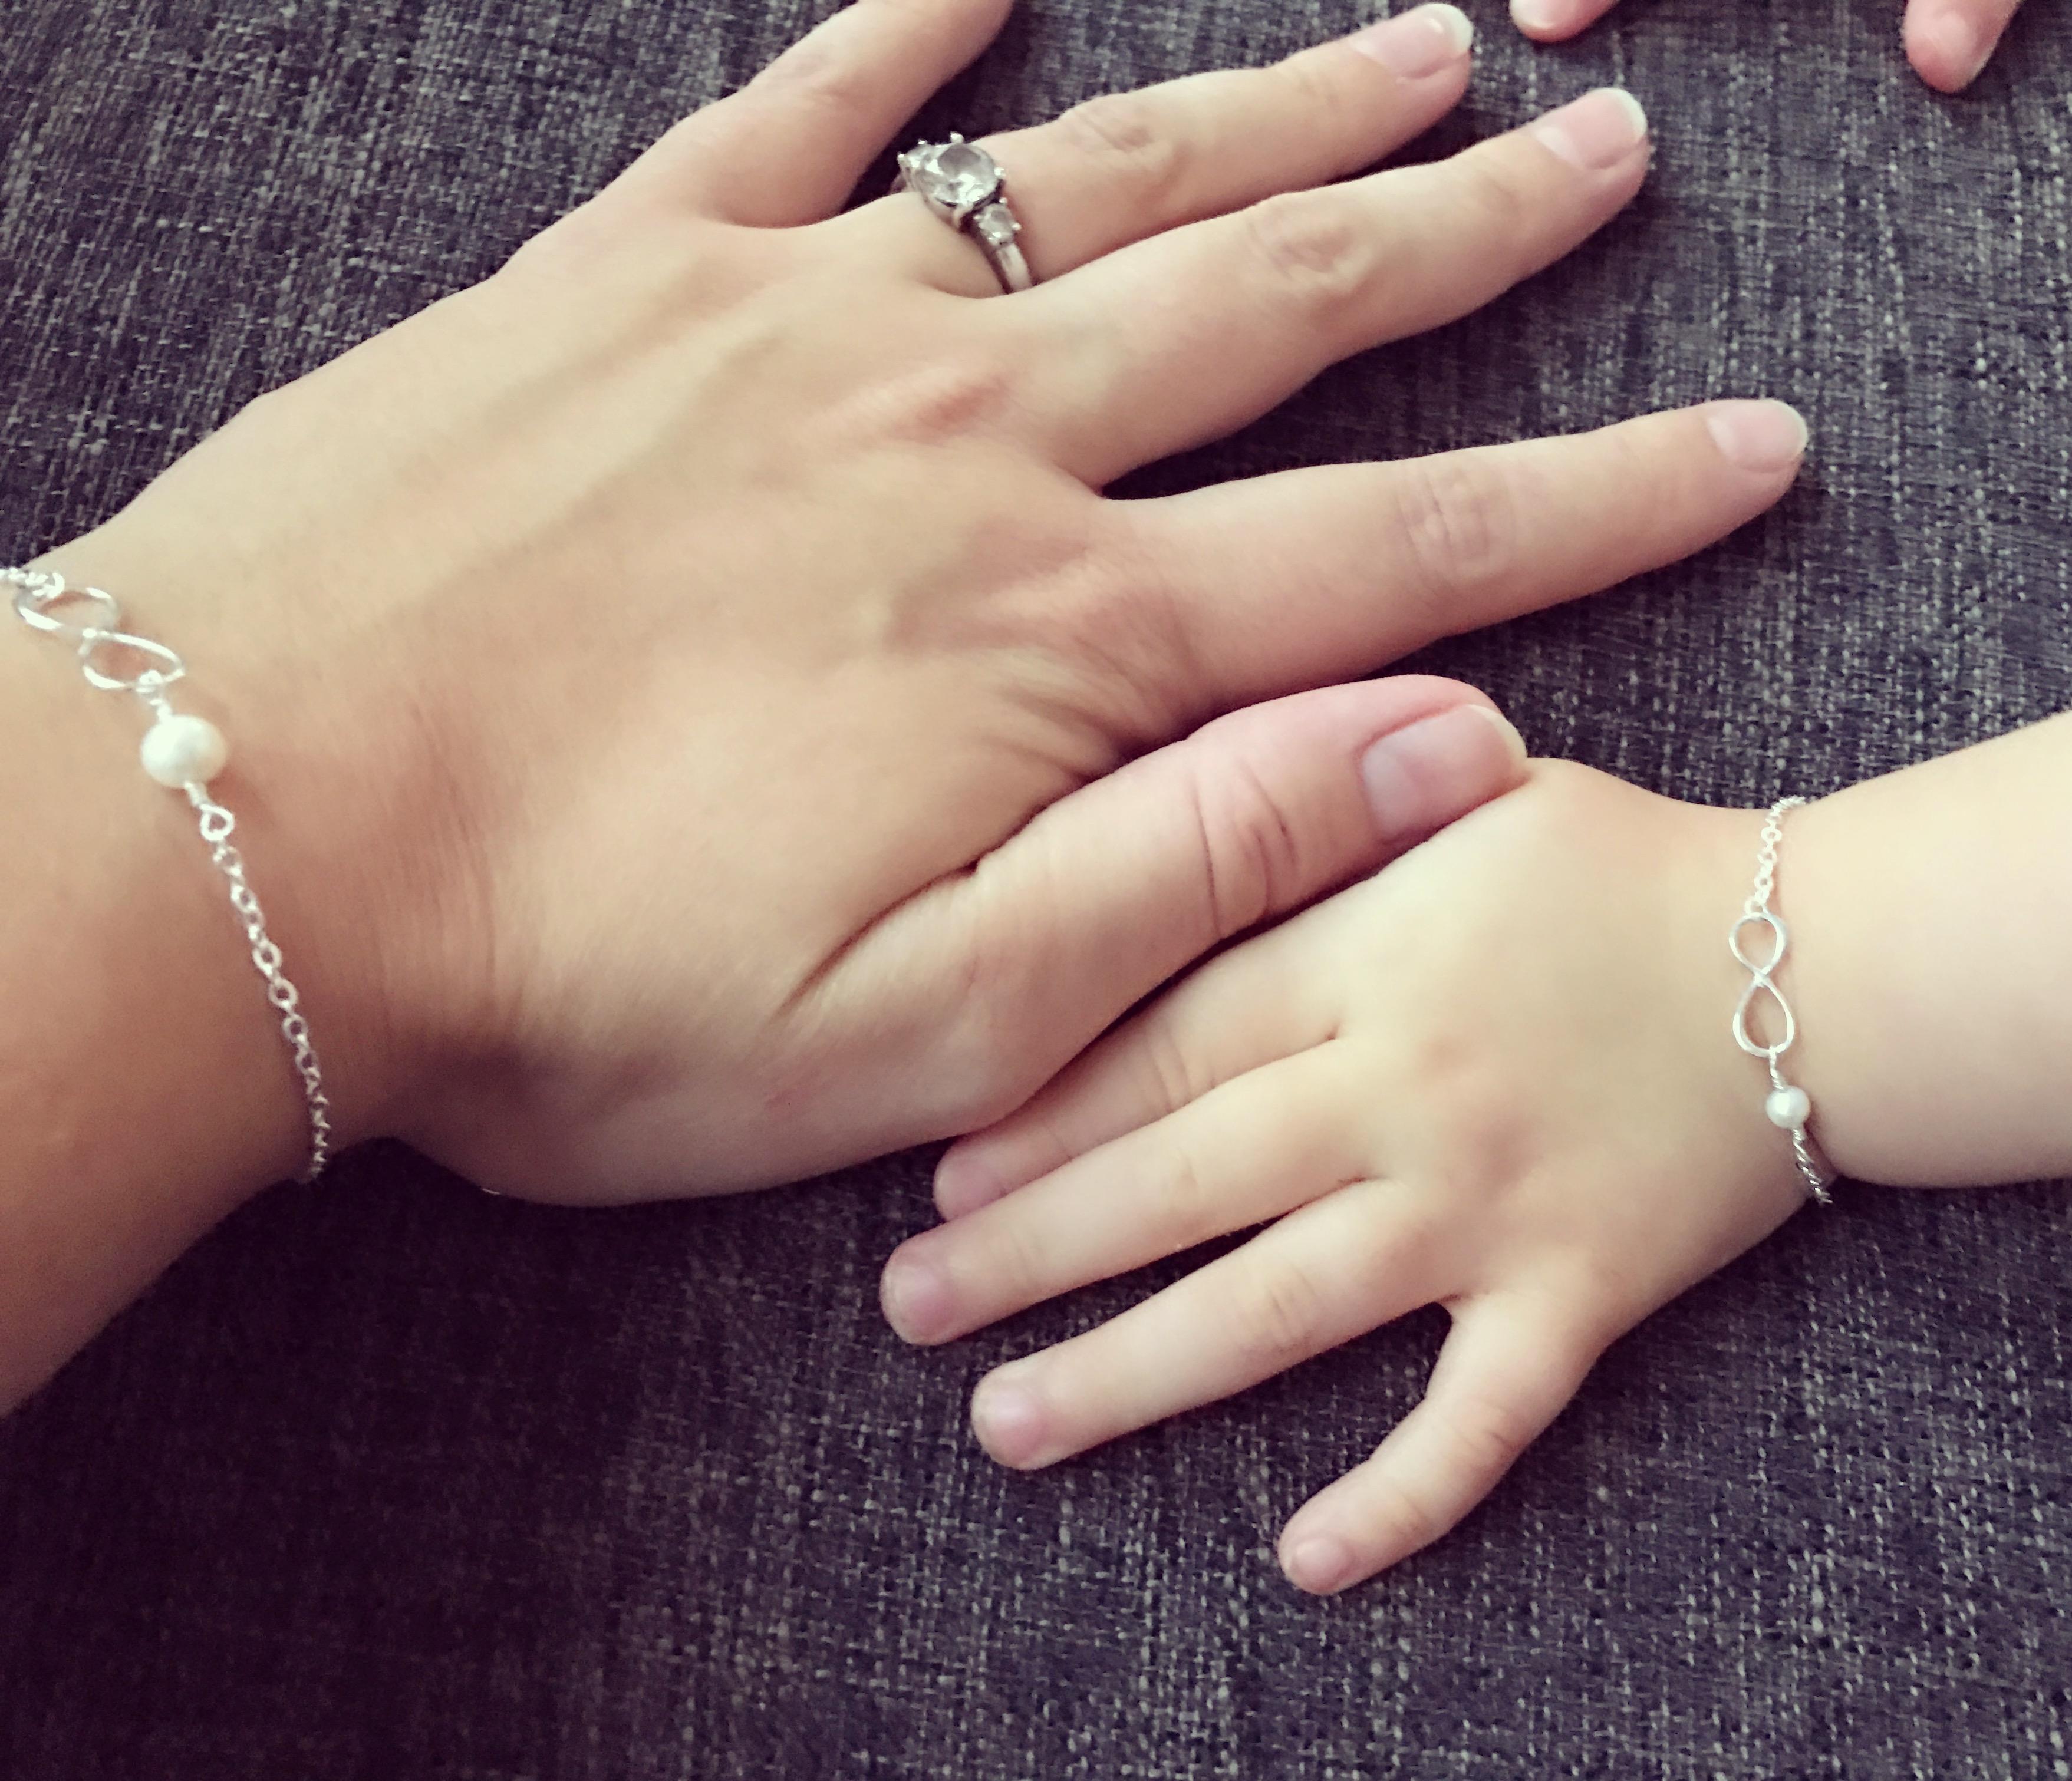 10-16-kaya-sieraad-sieraden-moeder-dochter-armband-infinity-teken-symbool-mooi-kraamcadeau-origineel-geconcentreerd-peuter-samen